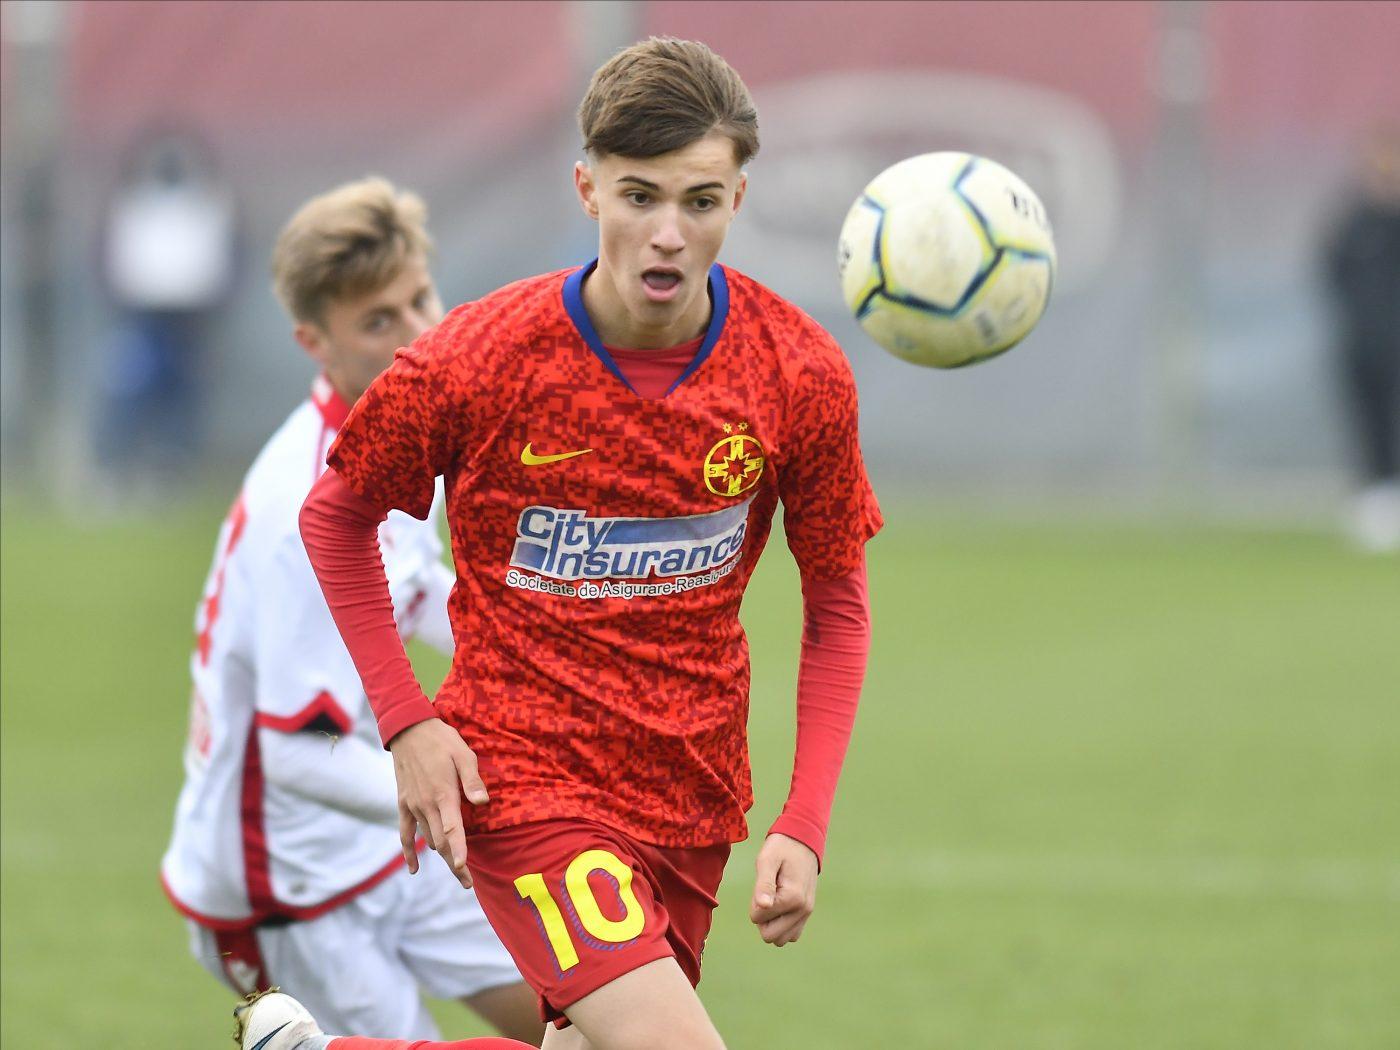 """Toni Petrea are mare încredere în Octavian Popescu: """"Va avea un viitor strălucit!"""". Ce trebuie să facă tânărul fotbalist pentru a fi noul star de la FCSB"""